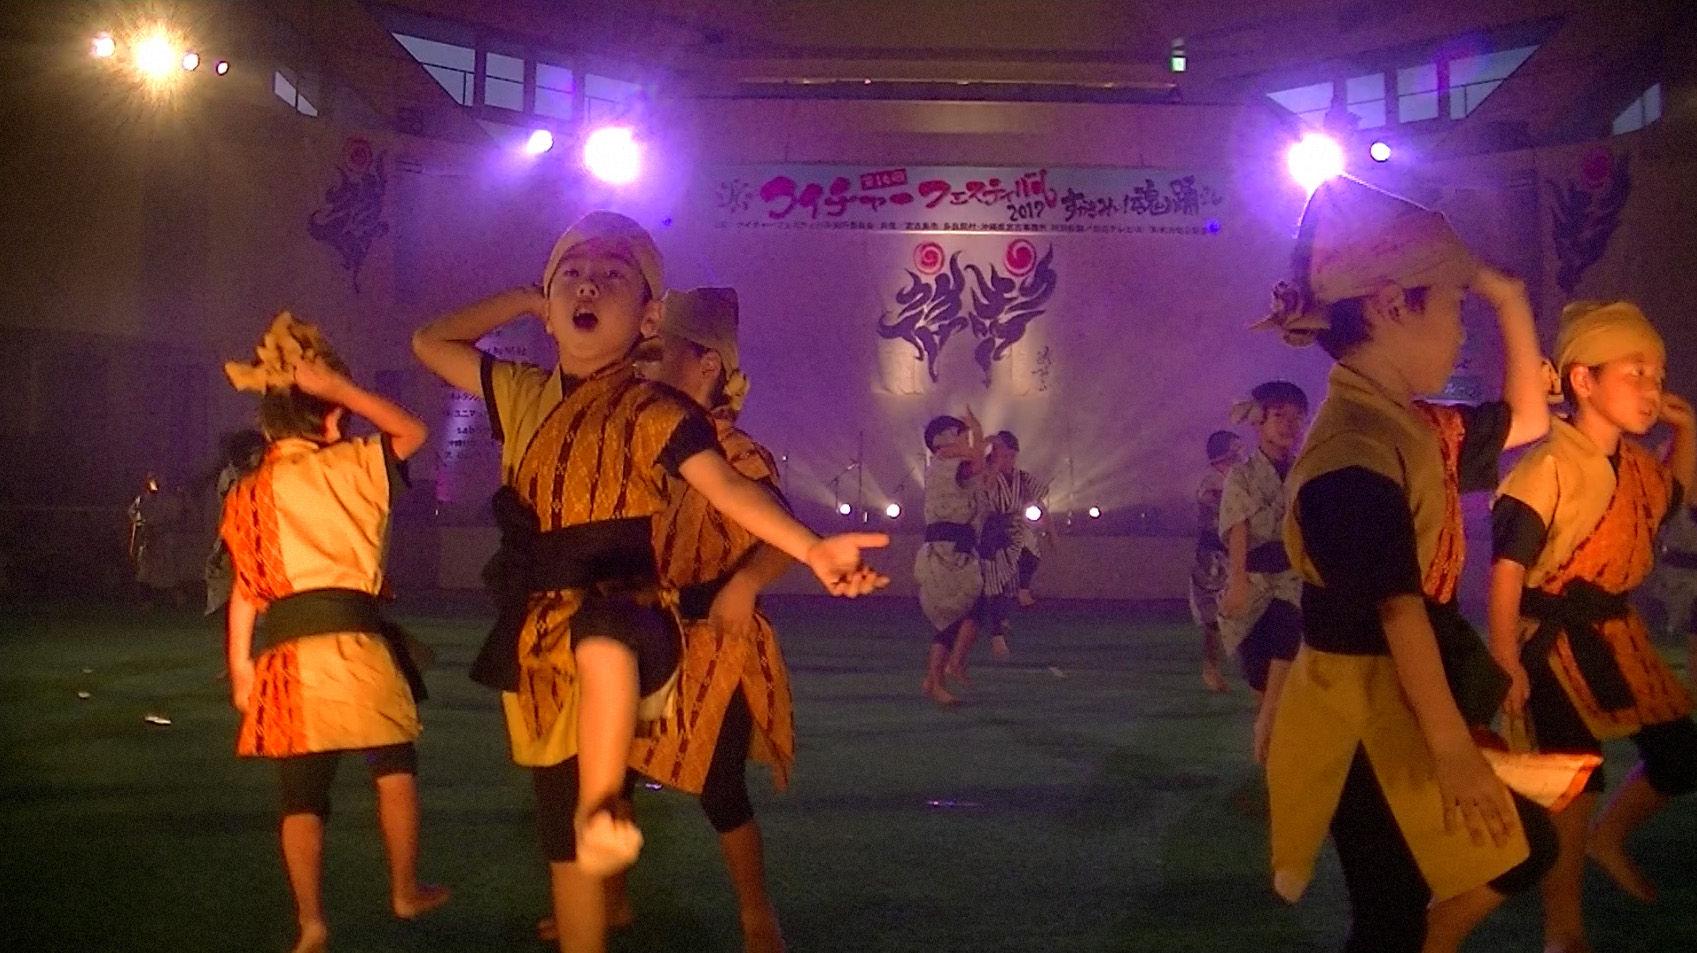 第16回クイチャーフェスティバル2017 : 卓の宮古島blog